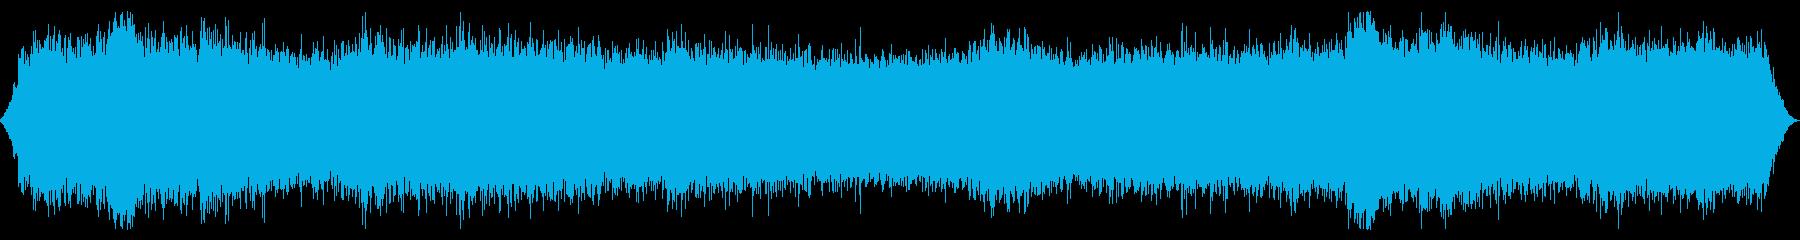 森林または山の風:非常に重い揺れ、ガス壁の再生済みの波形